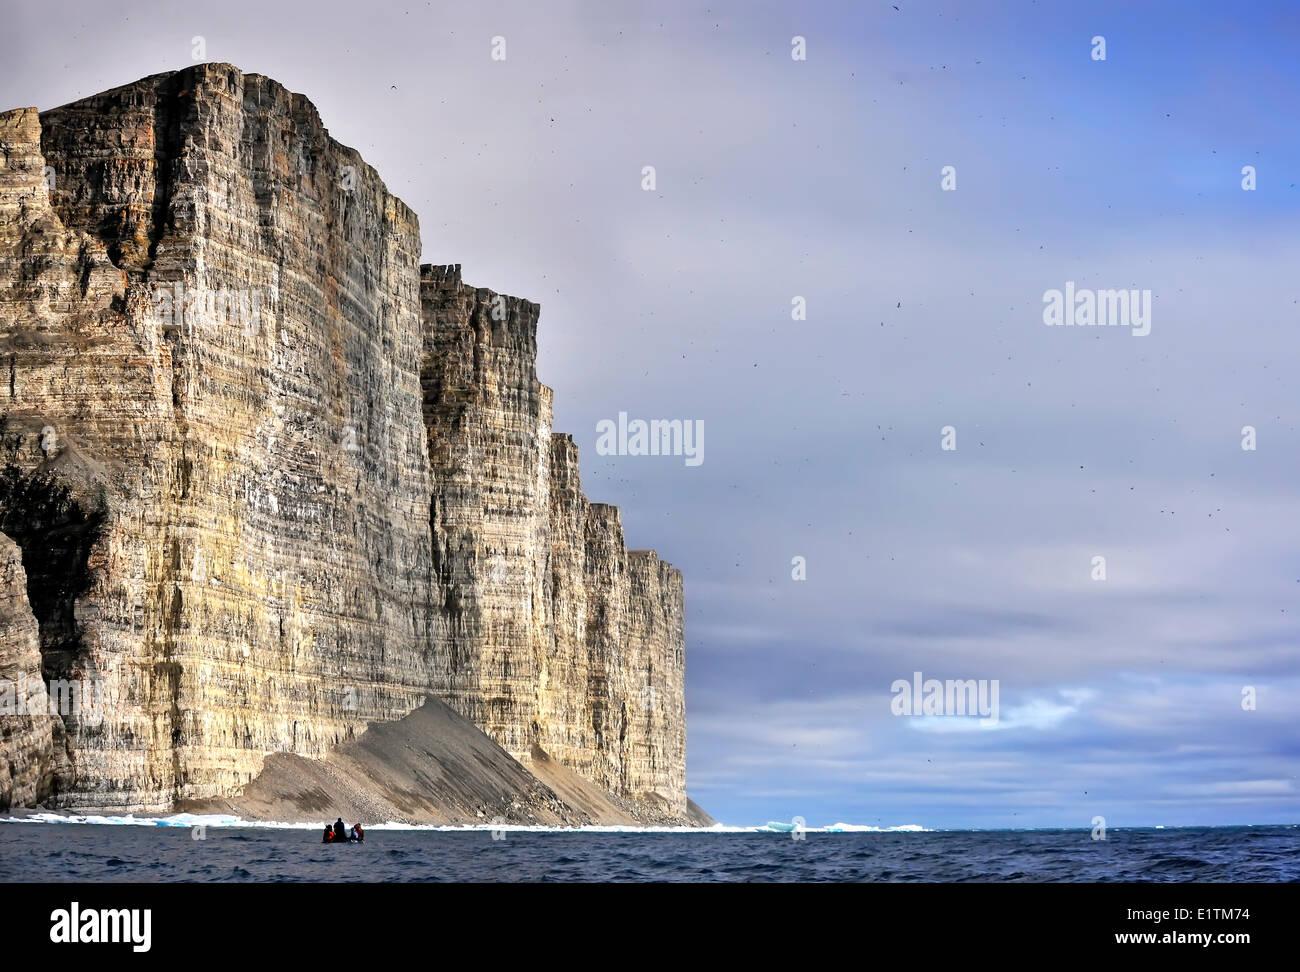 tourists-in-zodiac-prince-leopold-island